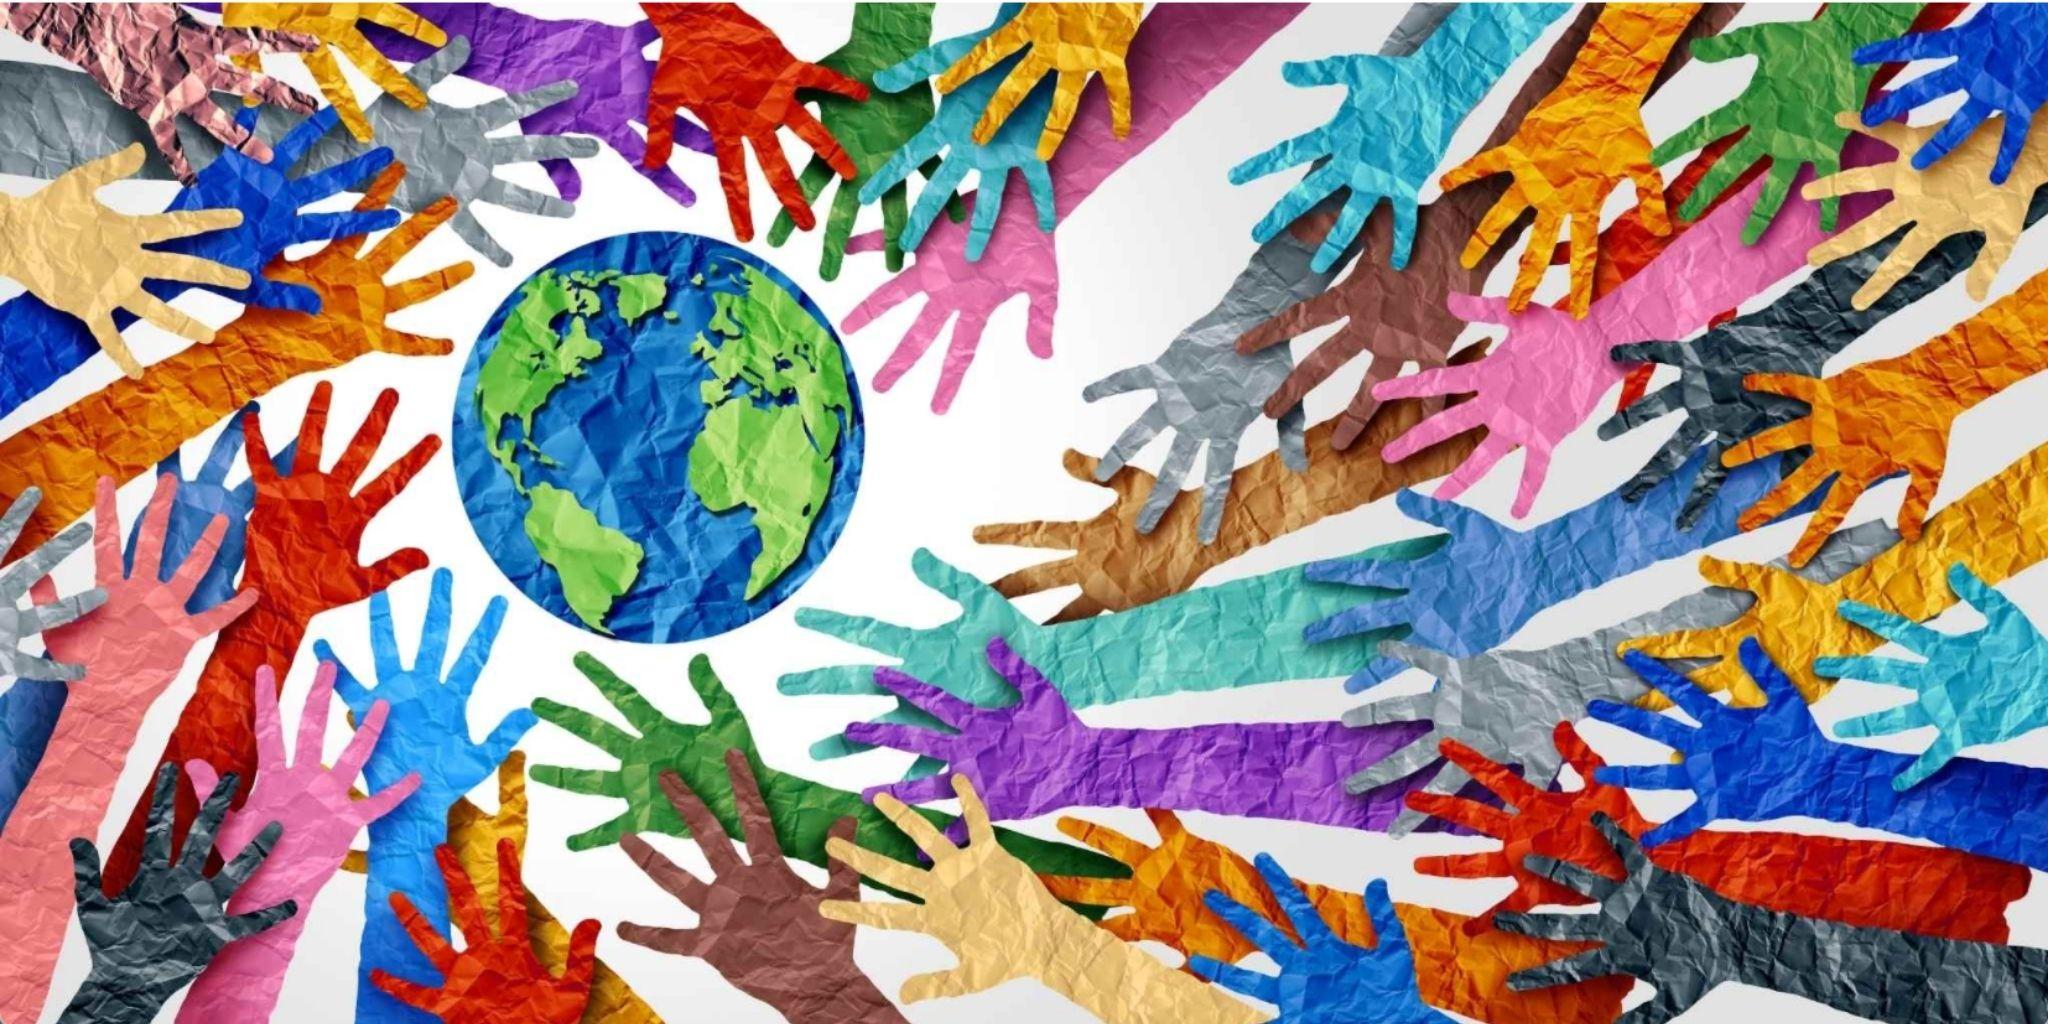 Apprendre aux enfants la culture et la diversité